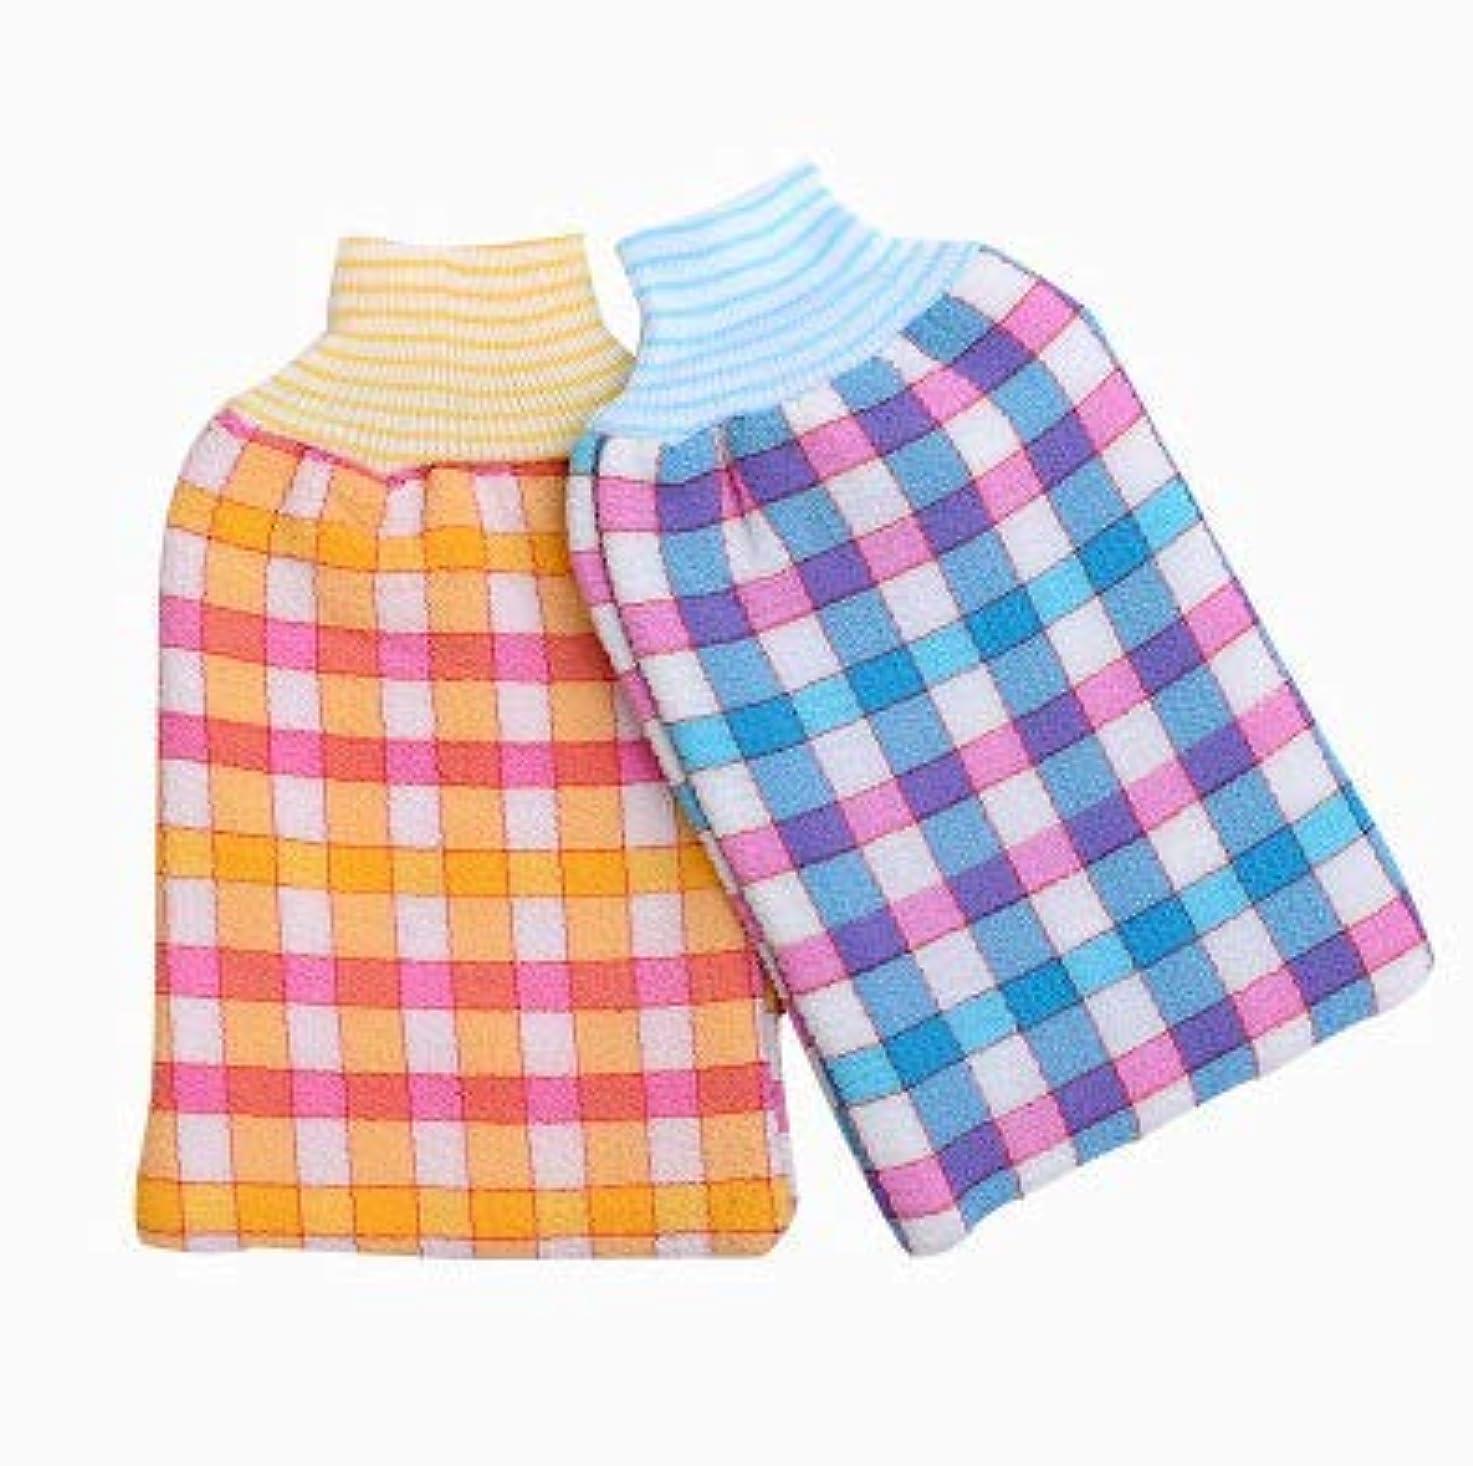 プレフィックス国民ワームDhe シャワーグローブ 浴用手袋 バス手袋 入浴用品 毛孔洗浄 肌マッサージ